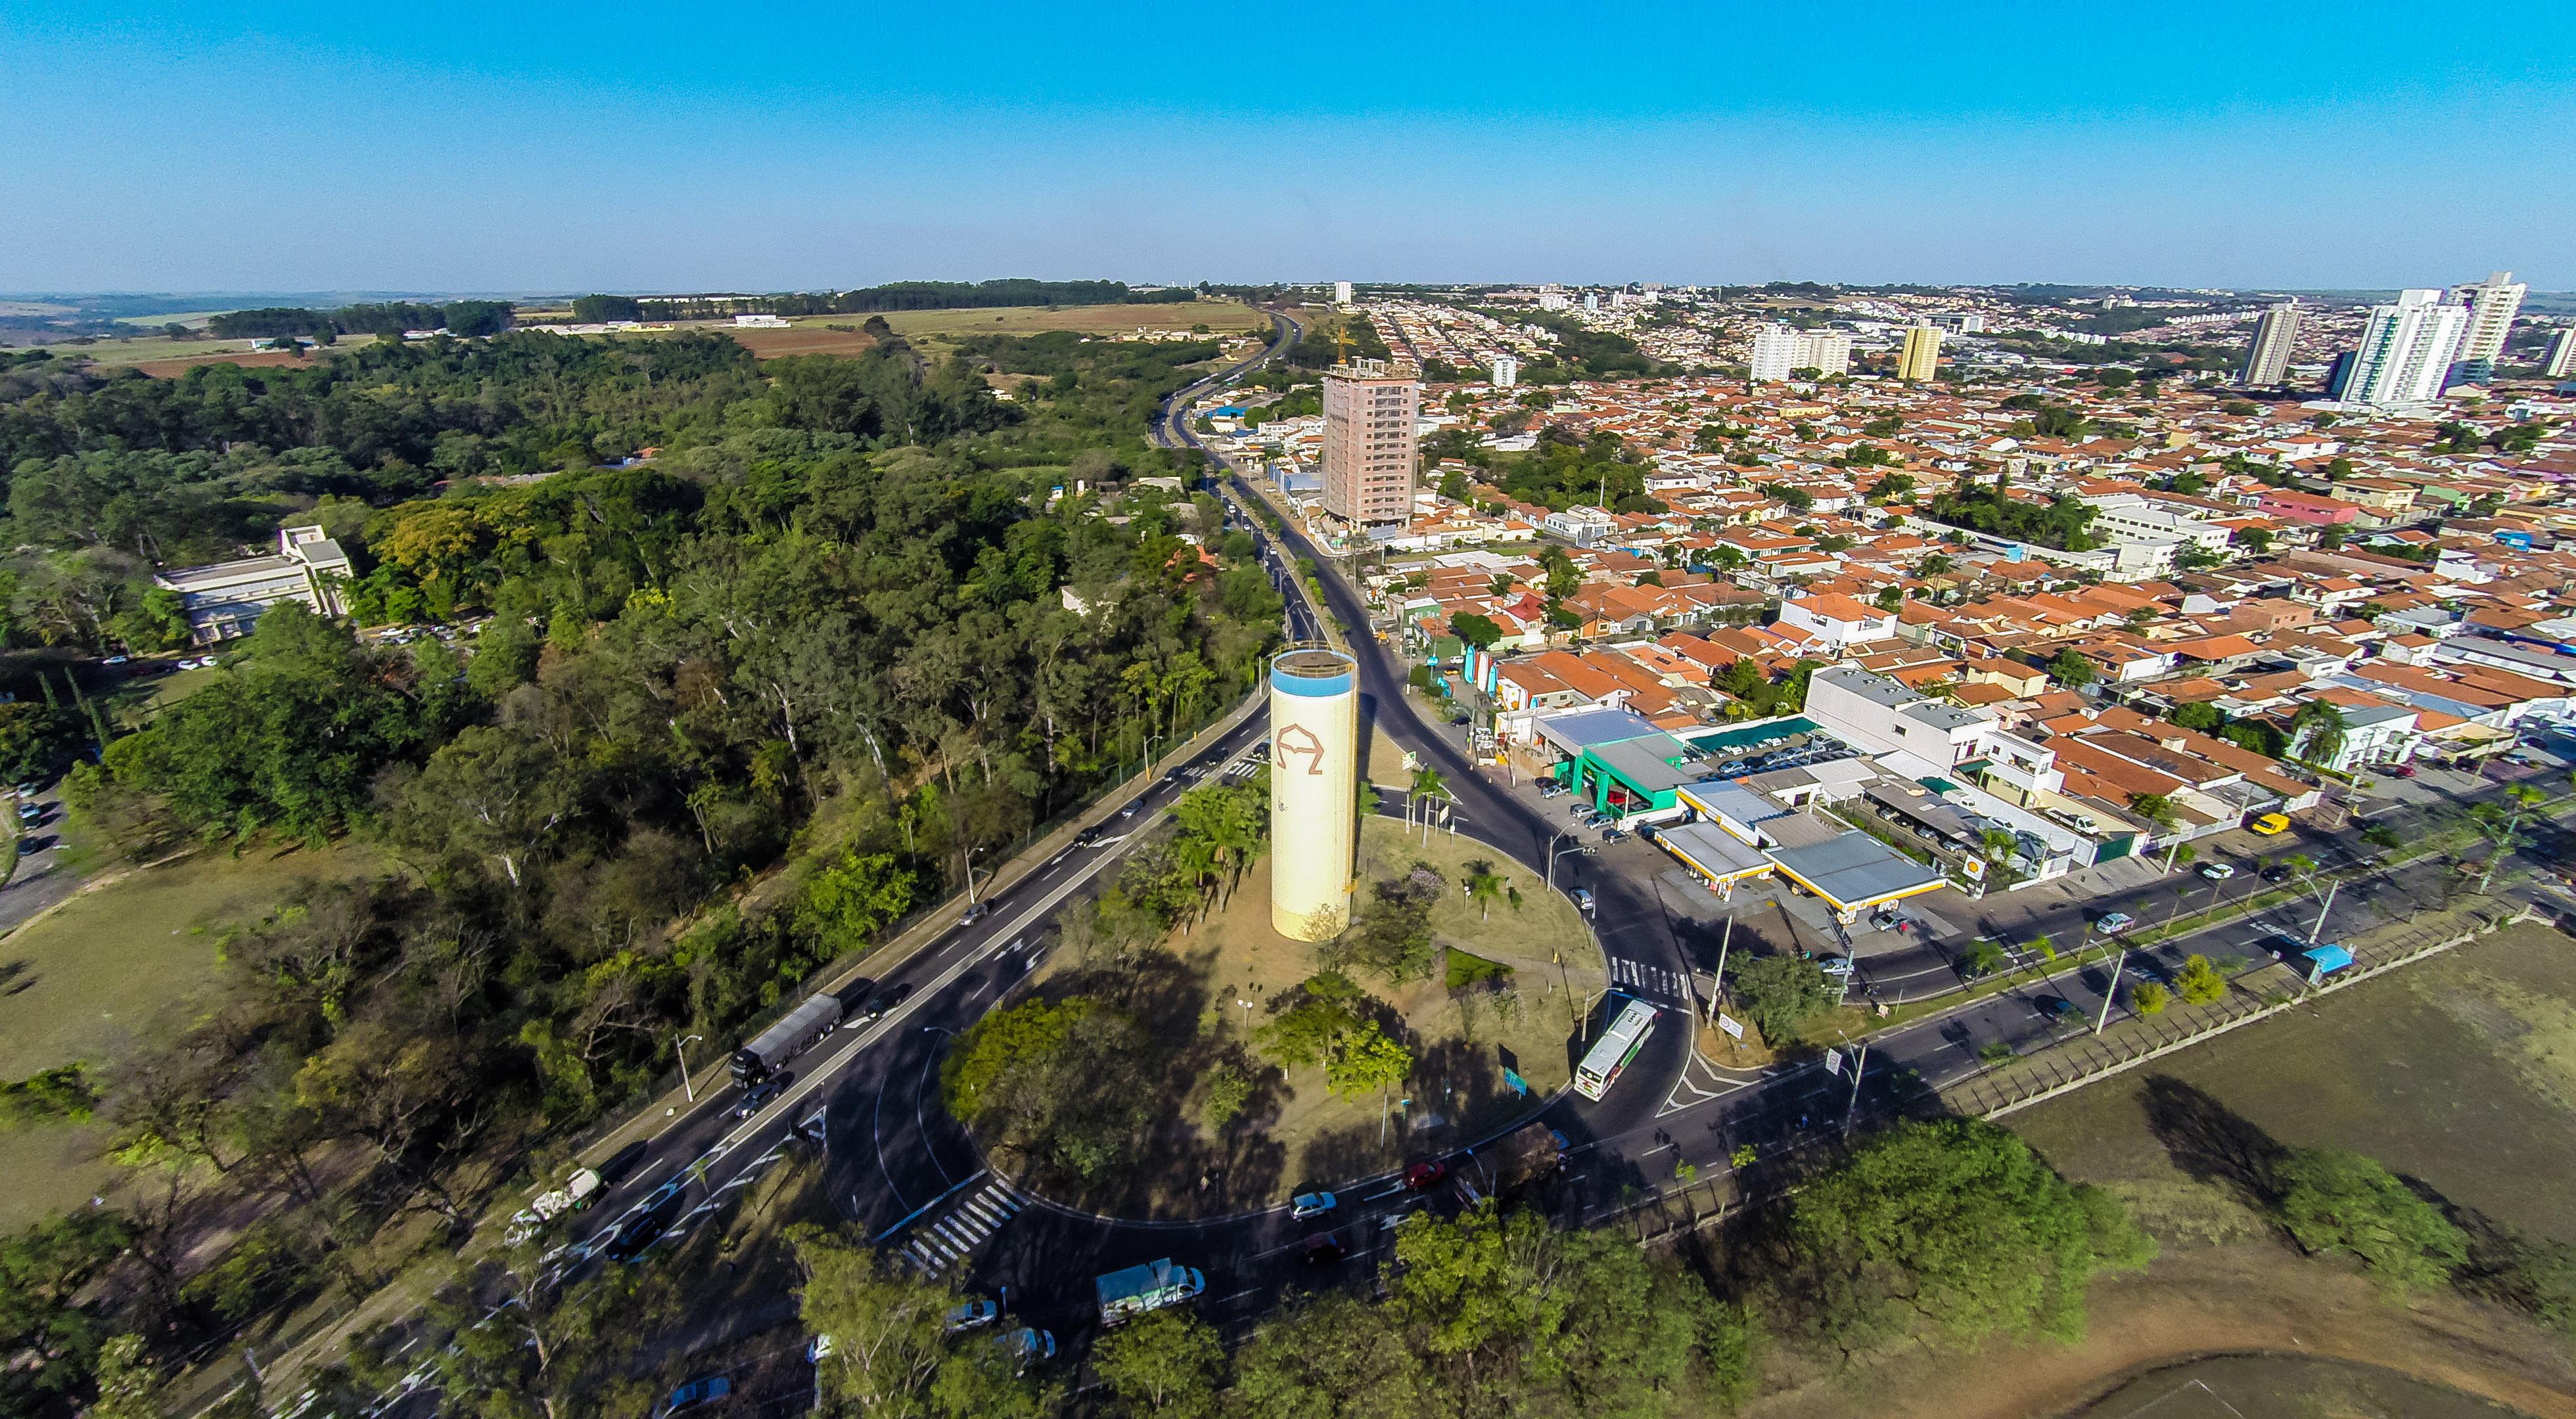 Entrada da Esalq, campus da USP em Piracicaba